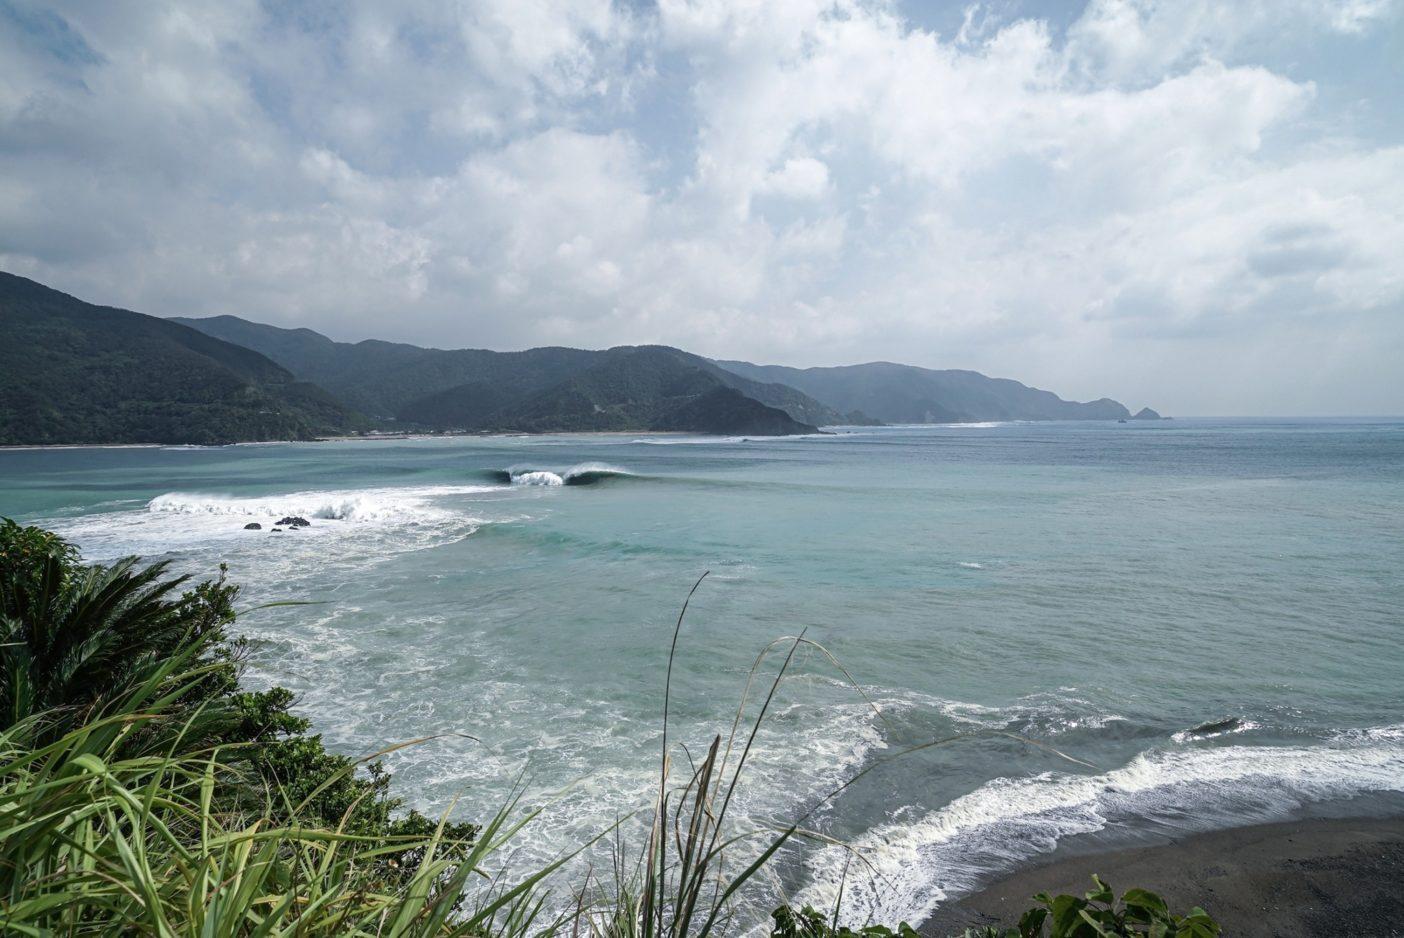 遠くからは夢のように誘うものが、現実には殺意を隠していることも。この日、この波は乗られることのないままとなった。Photo:Kosuke Fujikura